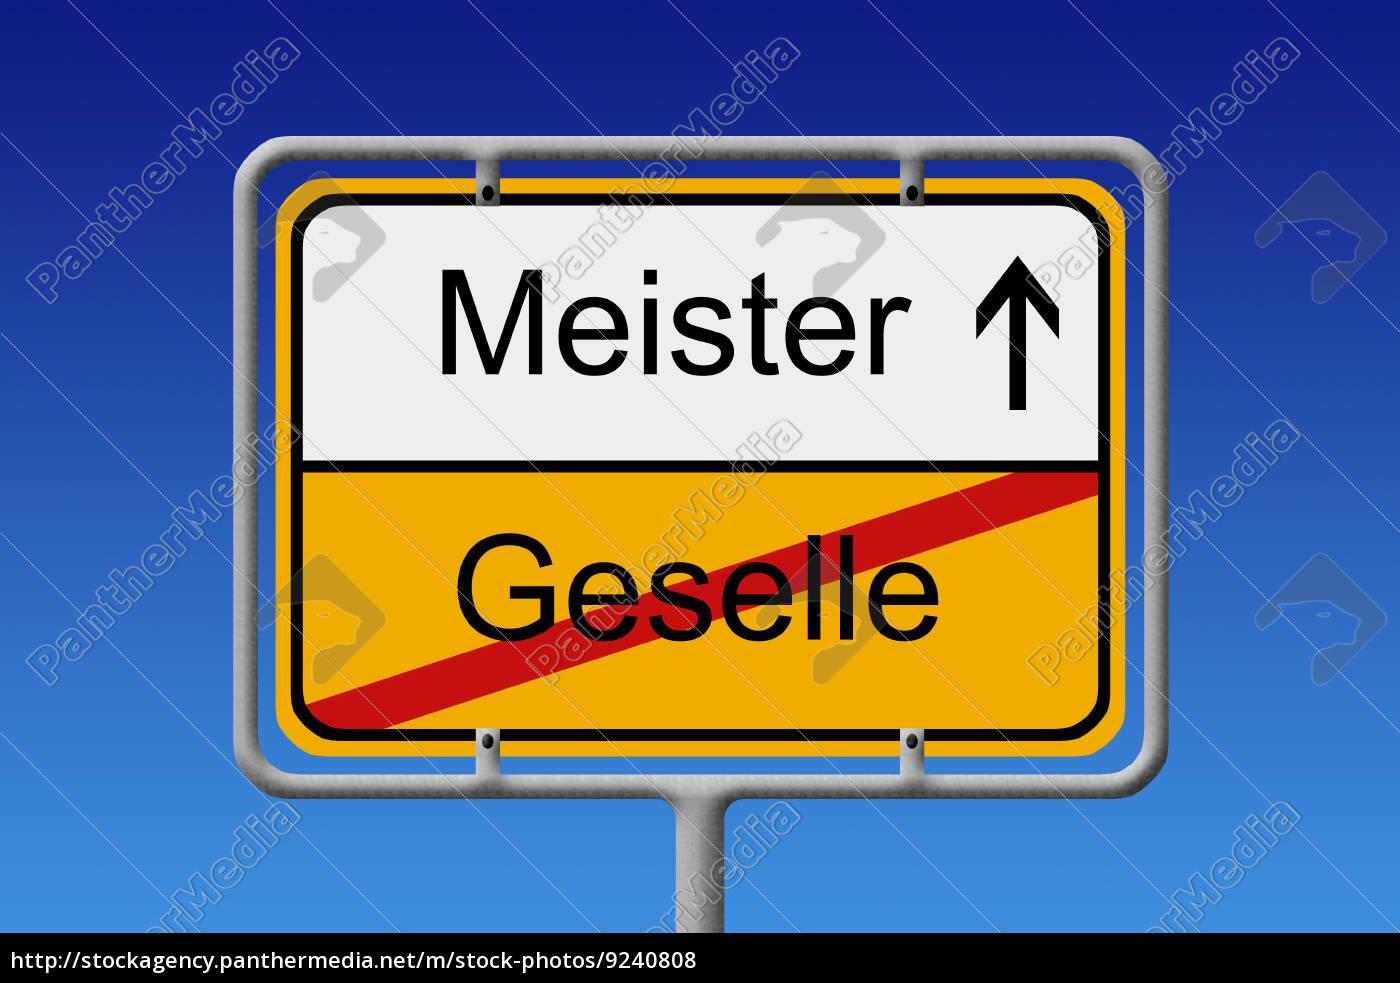 Geselle